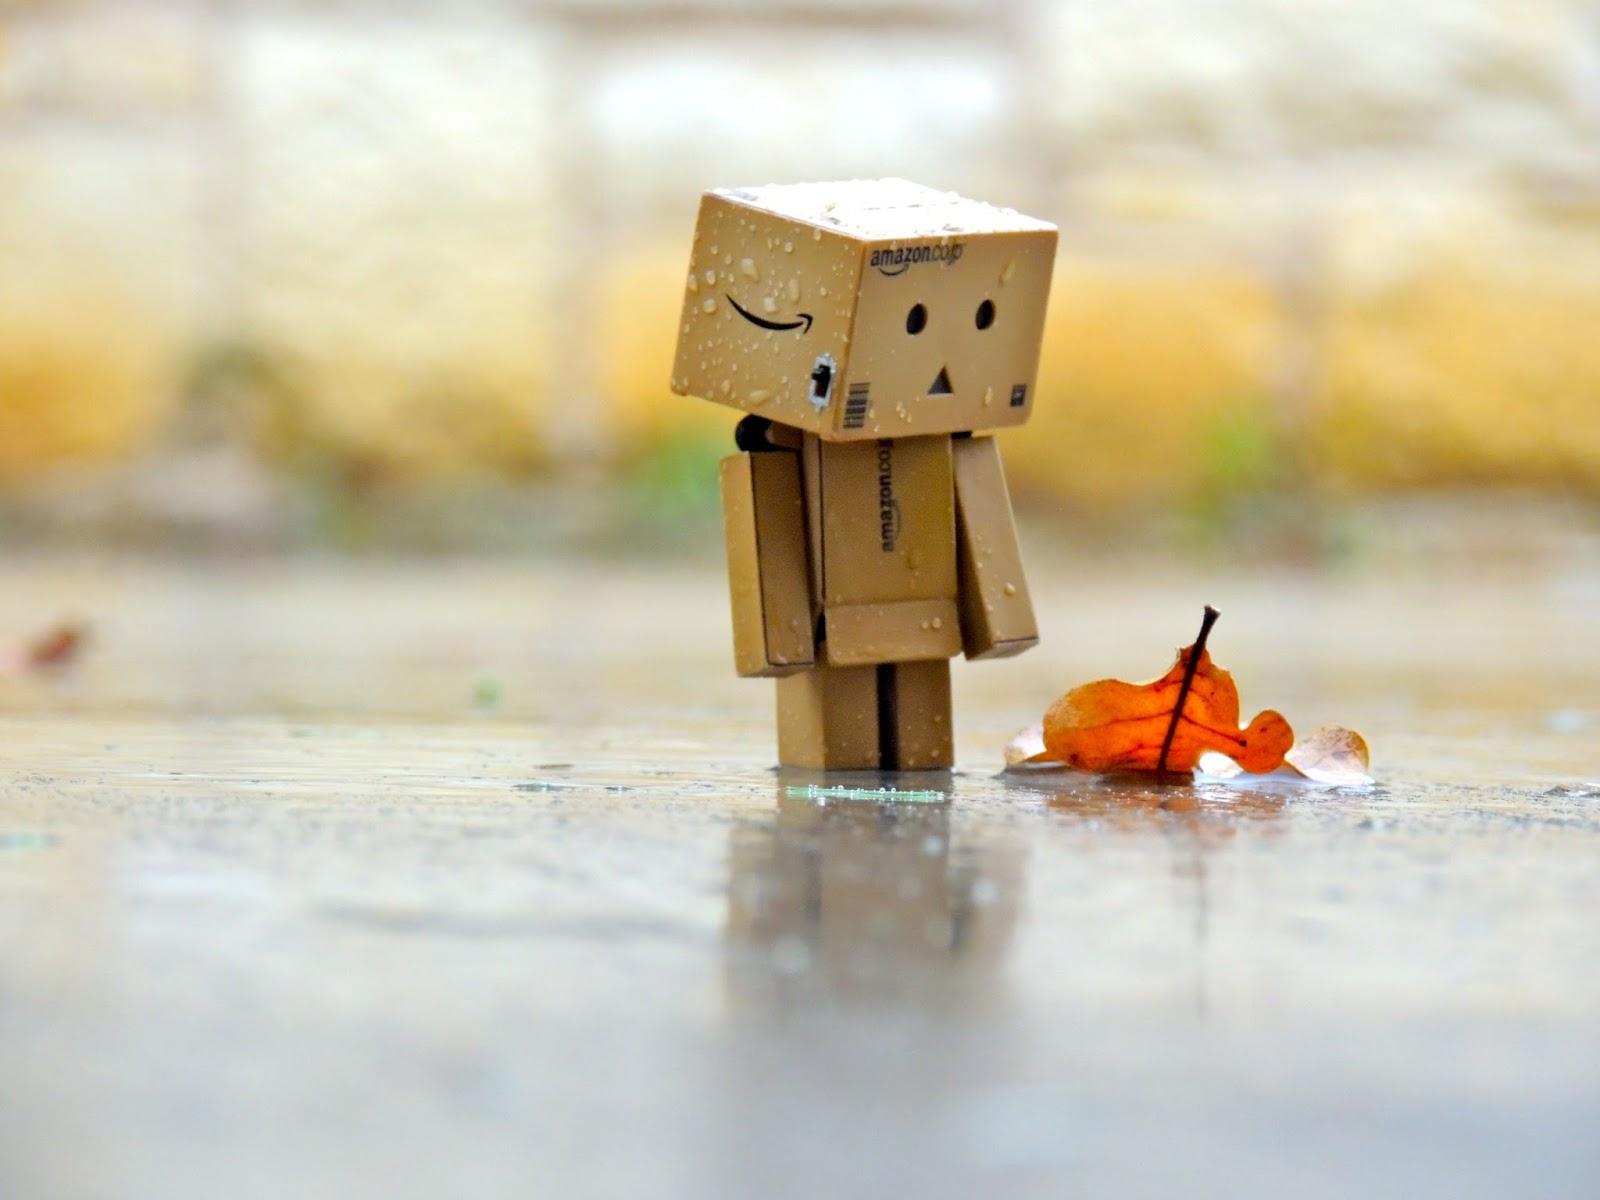 Kết quả hình ảnh cho hình ảnh tình yêu buồn